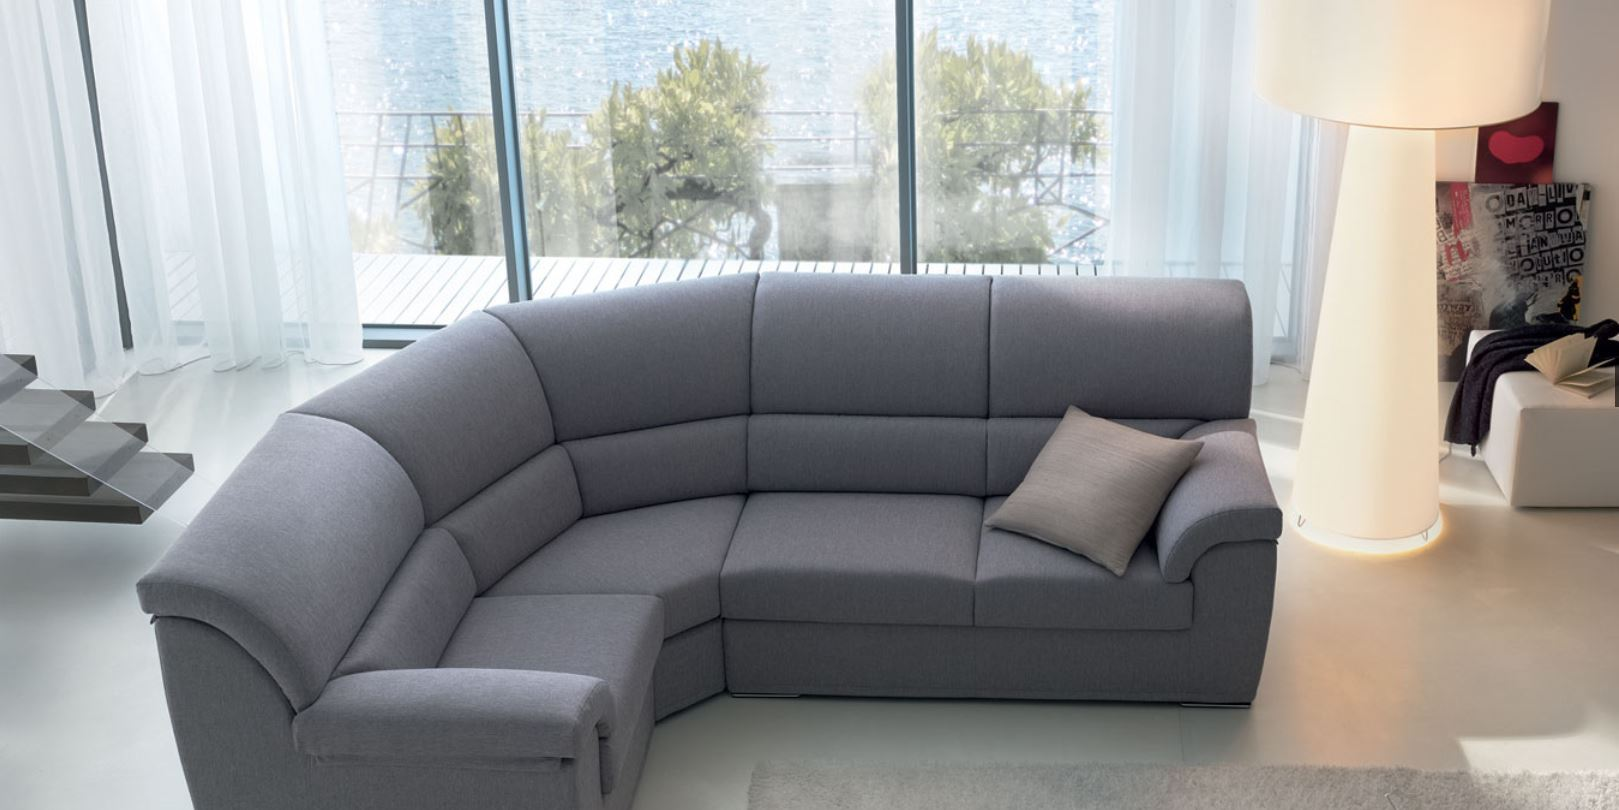 Divani circolari salotto arredato con divano rotondo n for Divano rotondo